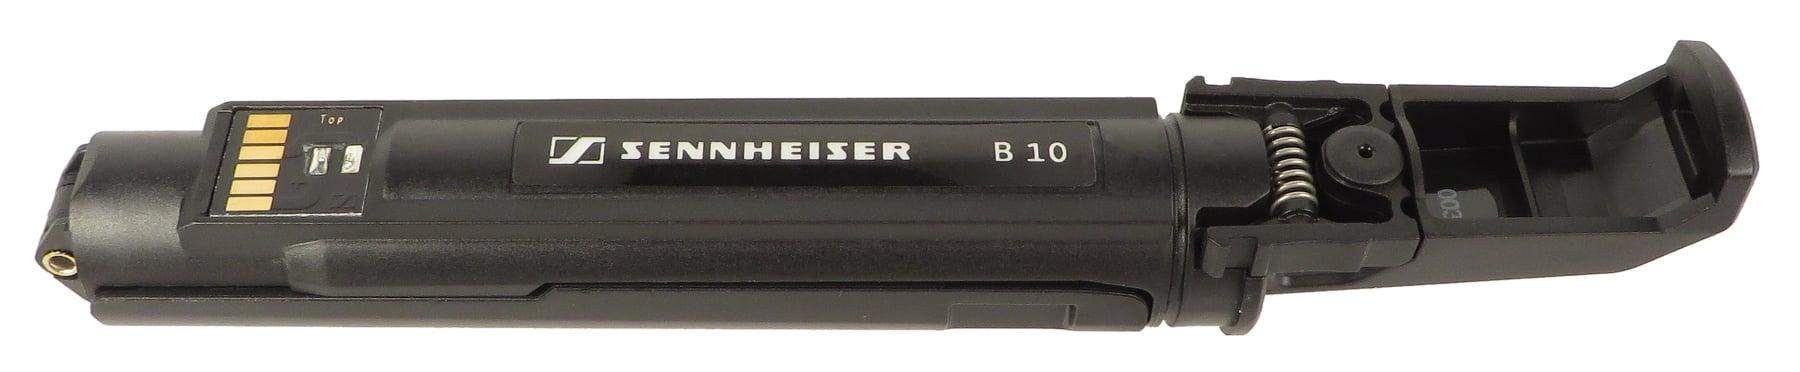 B10 Battery Pack